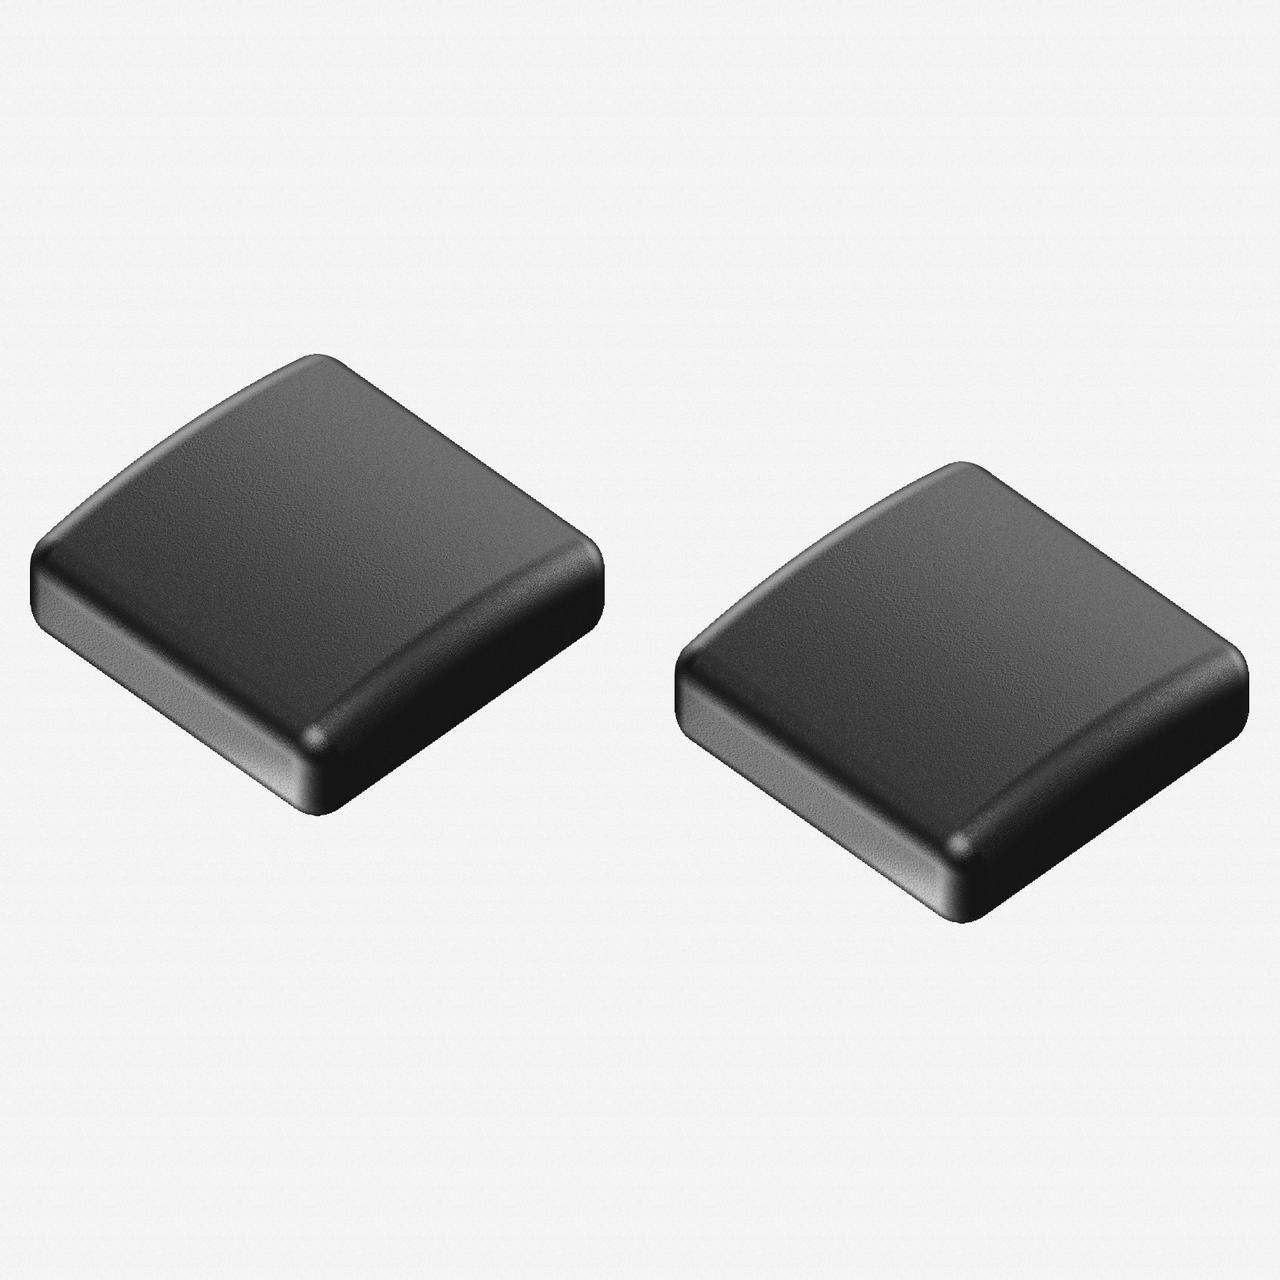 Wera 003697 KOLOSS Pad Set (2 Pack) - KC Tool